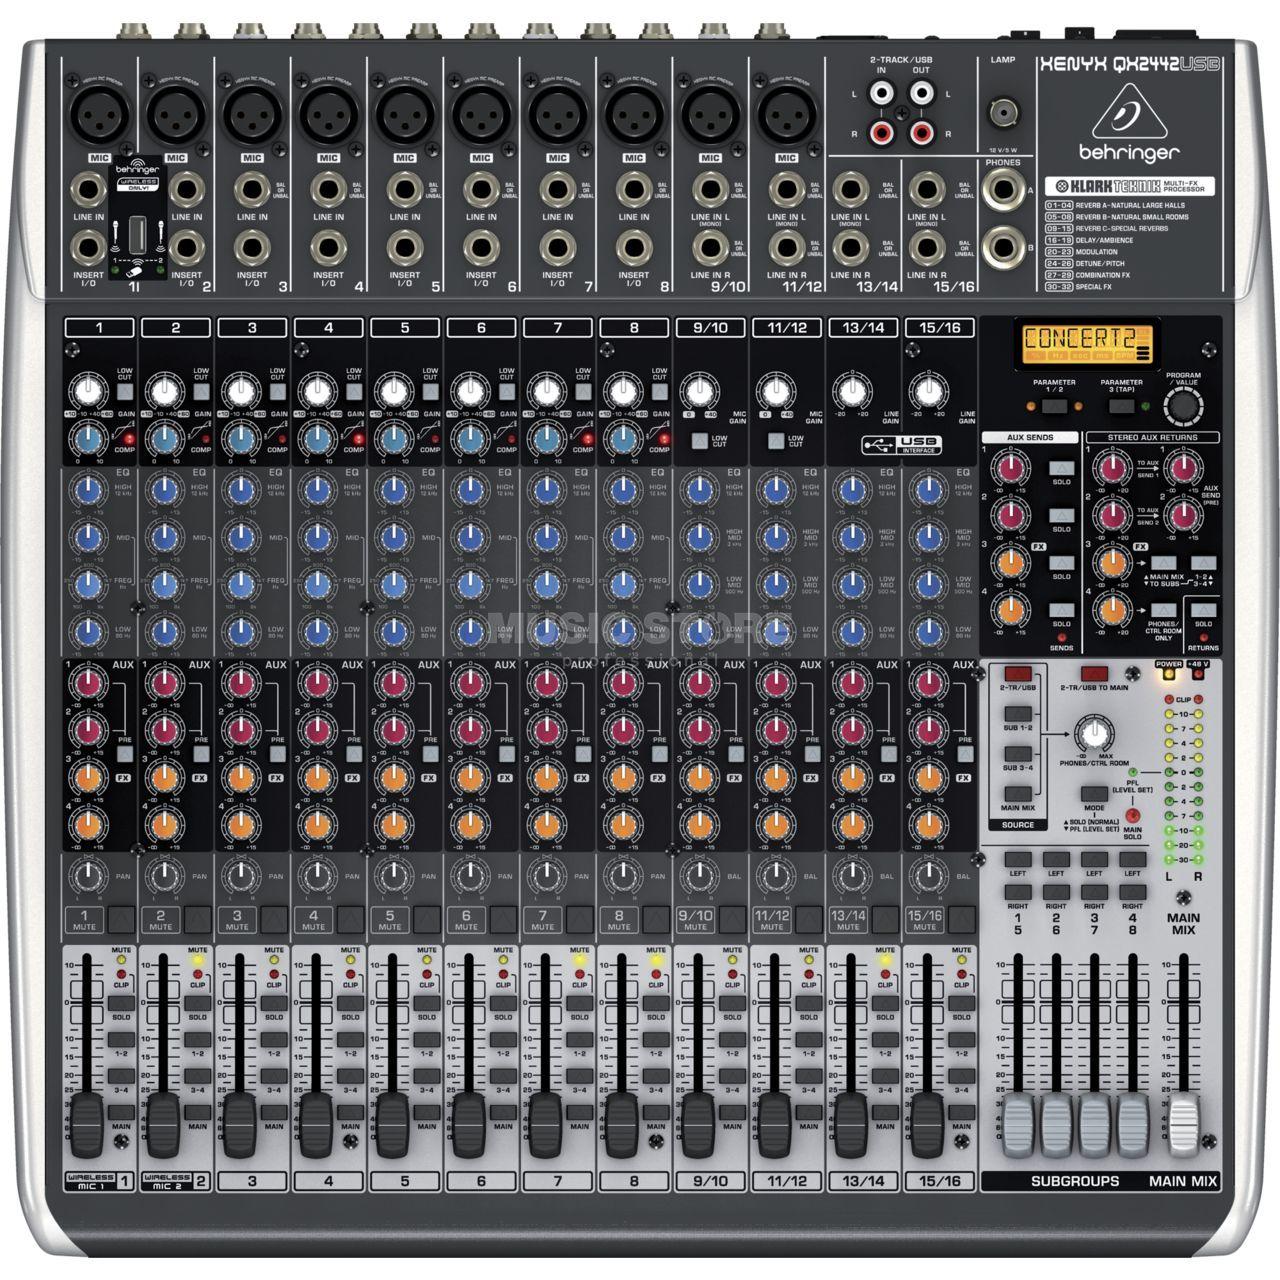 Consola Yamaha M